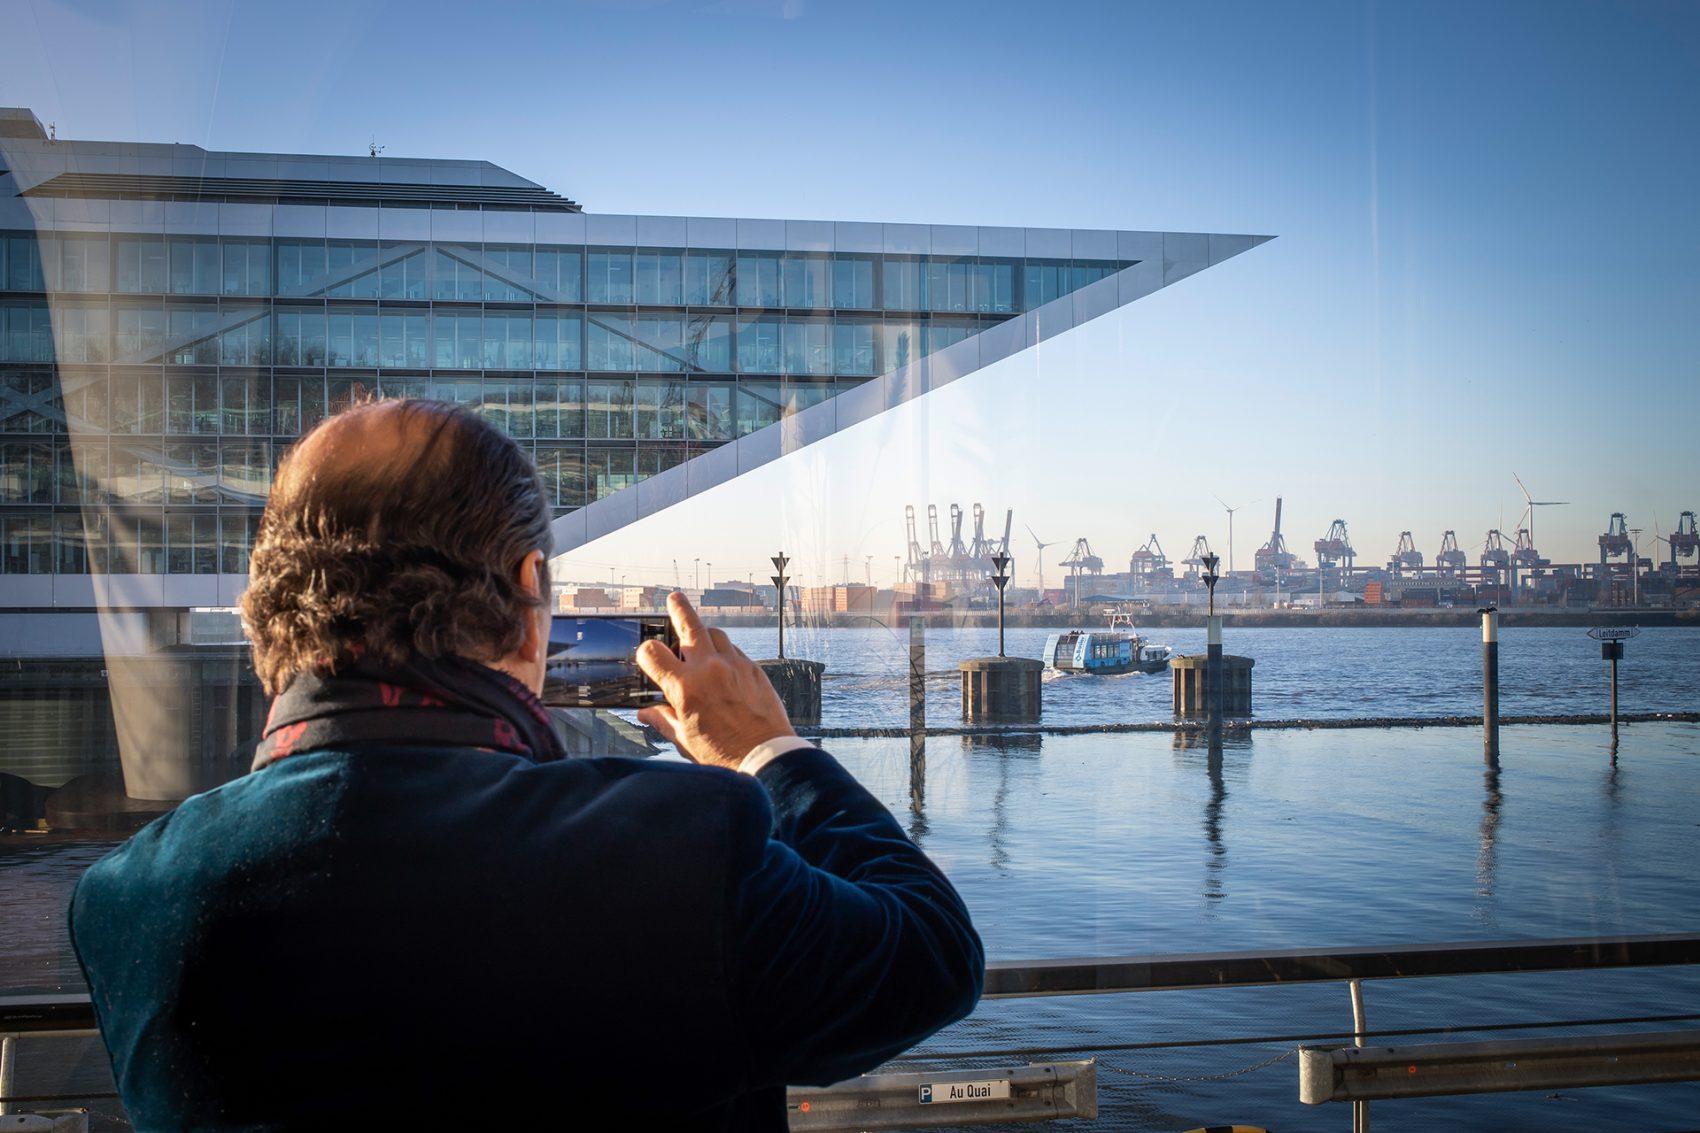 Der Hamburger Hadi Teherani ist ein vielfach international ausgezeichneter Architekt und Designer. Dieses Portrait entstand vor seinem Vortrag bei Creative Mornings zum Thema Symmetrie im AuQuai. Im Hintergrund eines seiner Bauten - das Dockland im Hamburger Hafen.